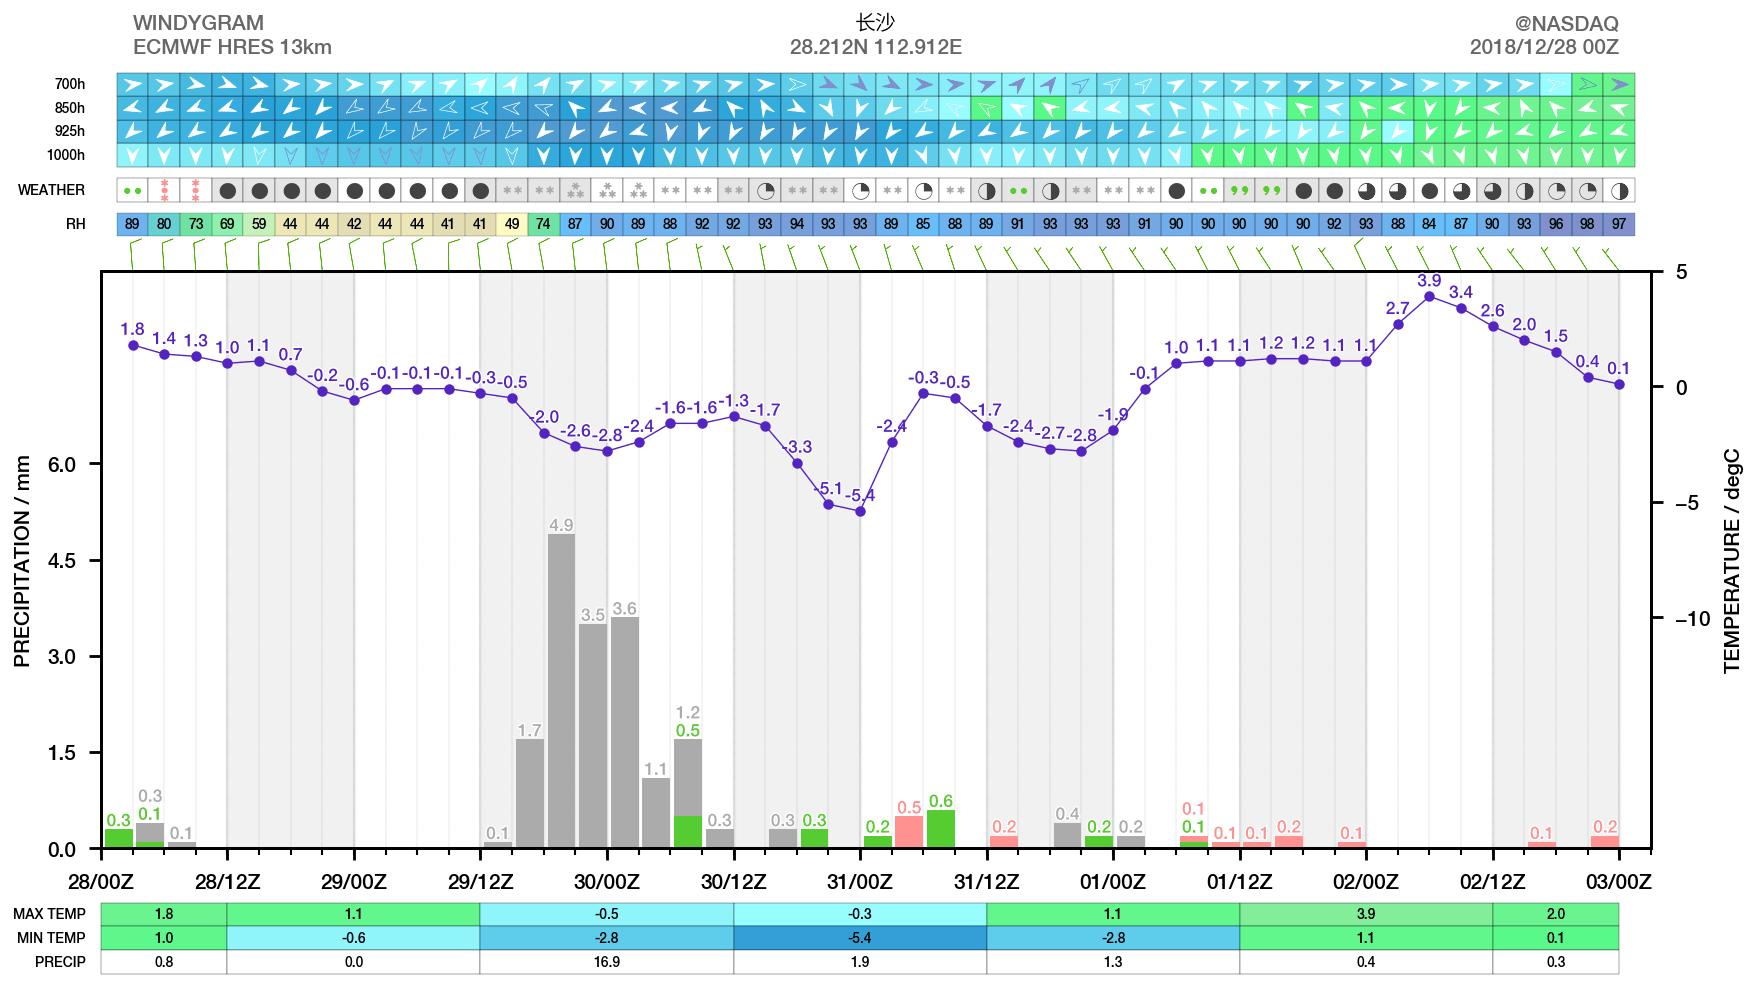 寒潮之冷超预期,南方的雪要下到广西!压箱底厚衣服拿出来!